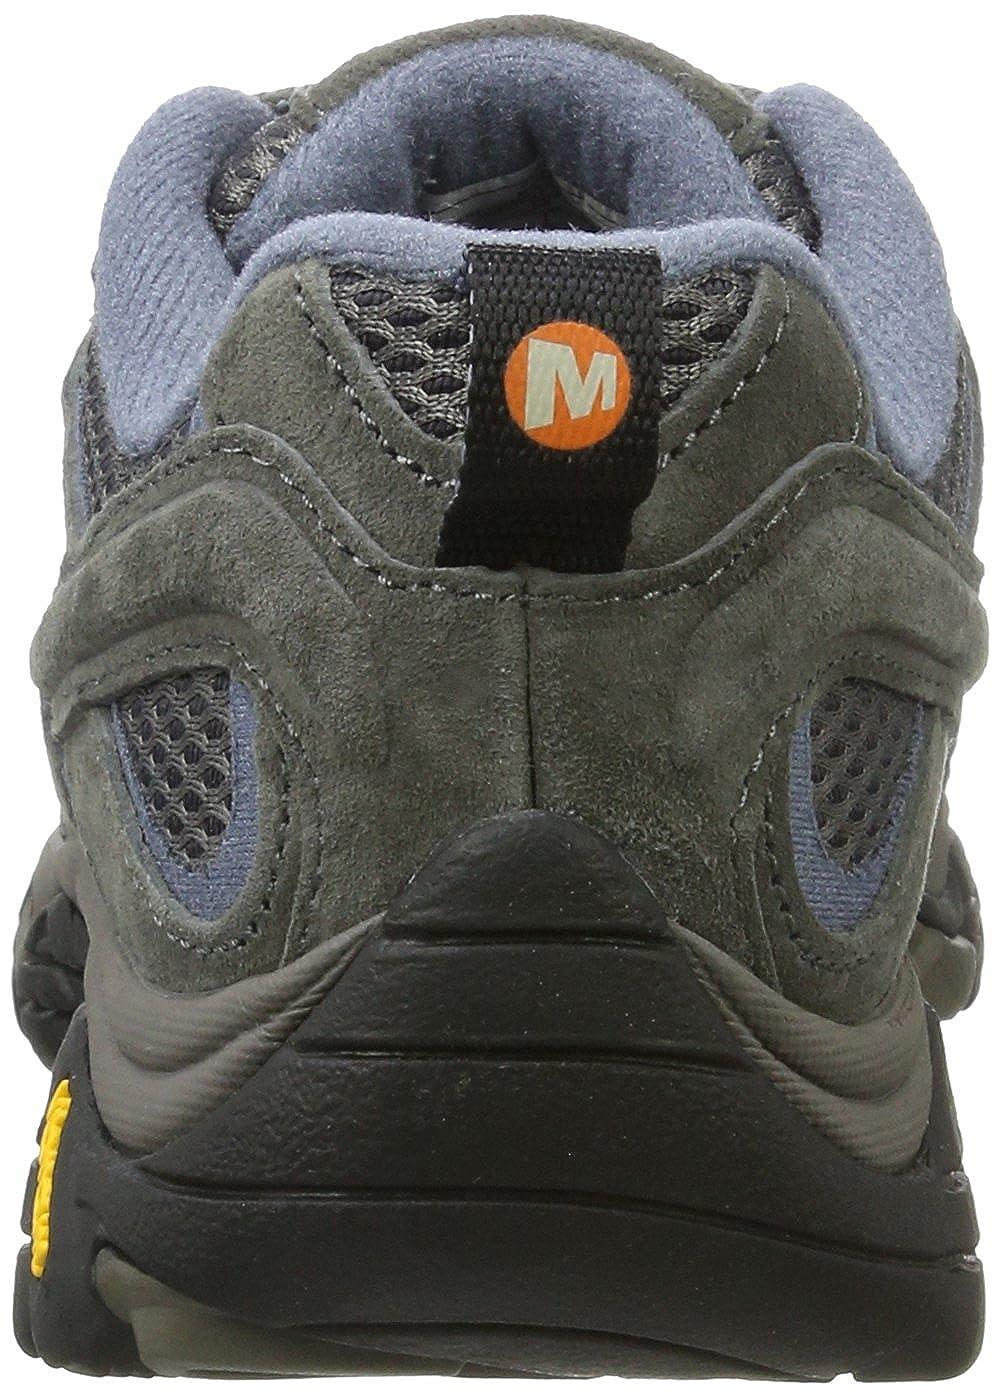 Merrell Moab 2 Ventilator Stivali da Escursionismo Donna | | | Ben Noto Per Le Sue Belle Qualità  bd1306